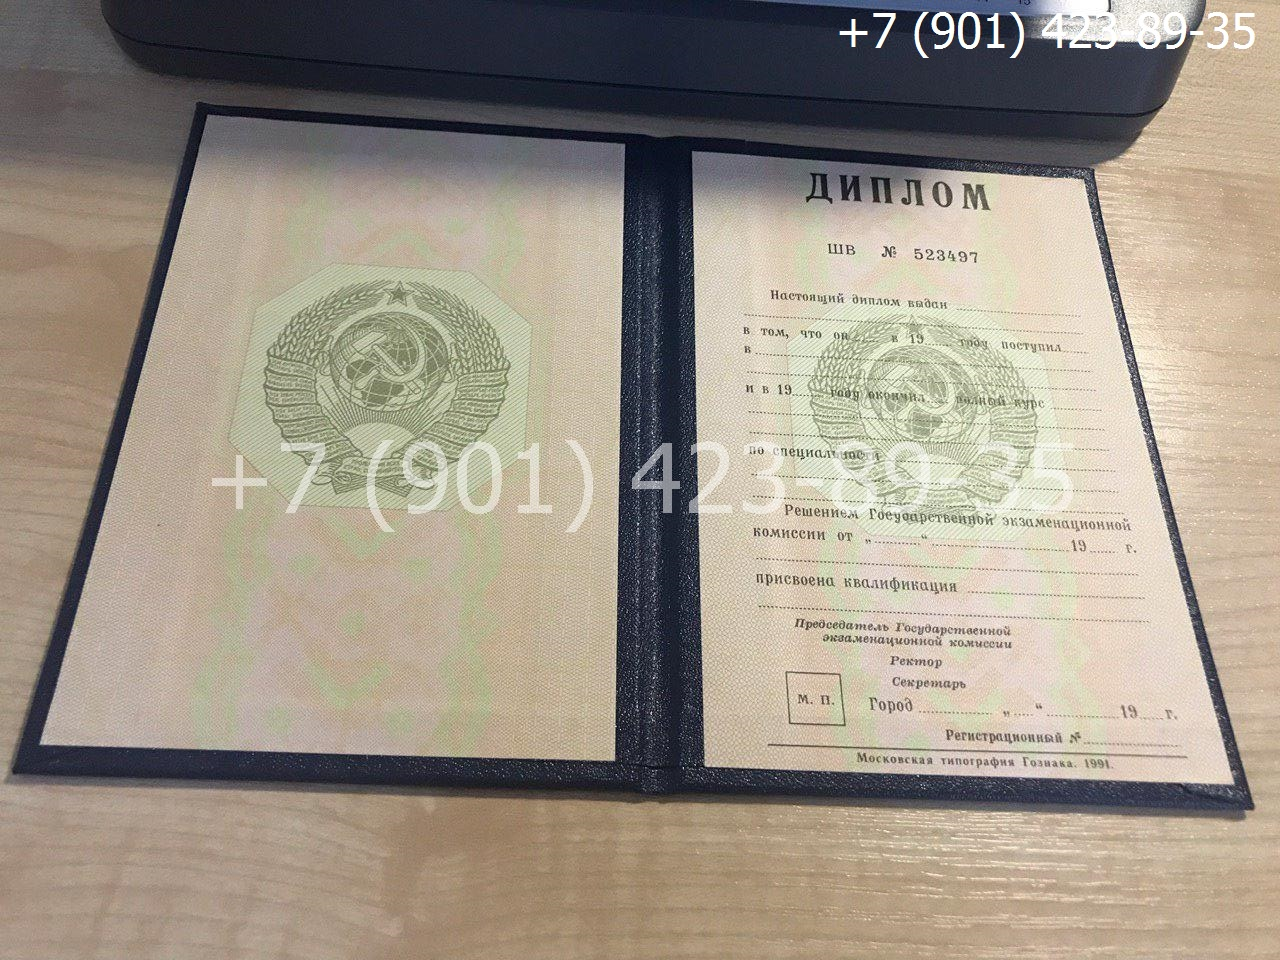 Диплом ВУЗа СССР, титульный лист